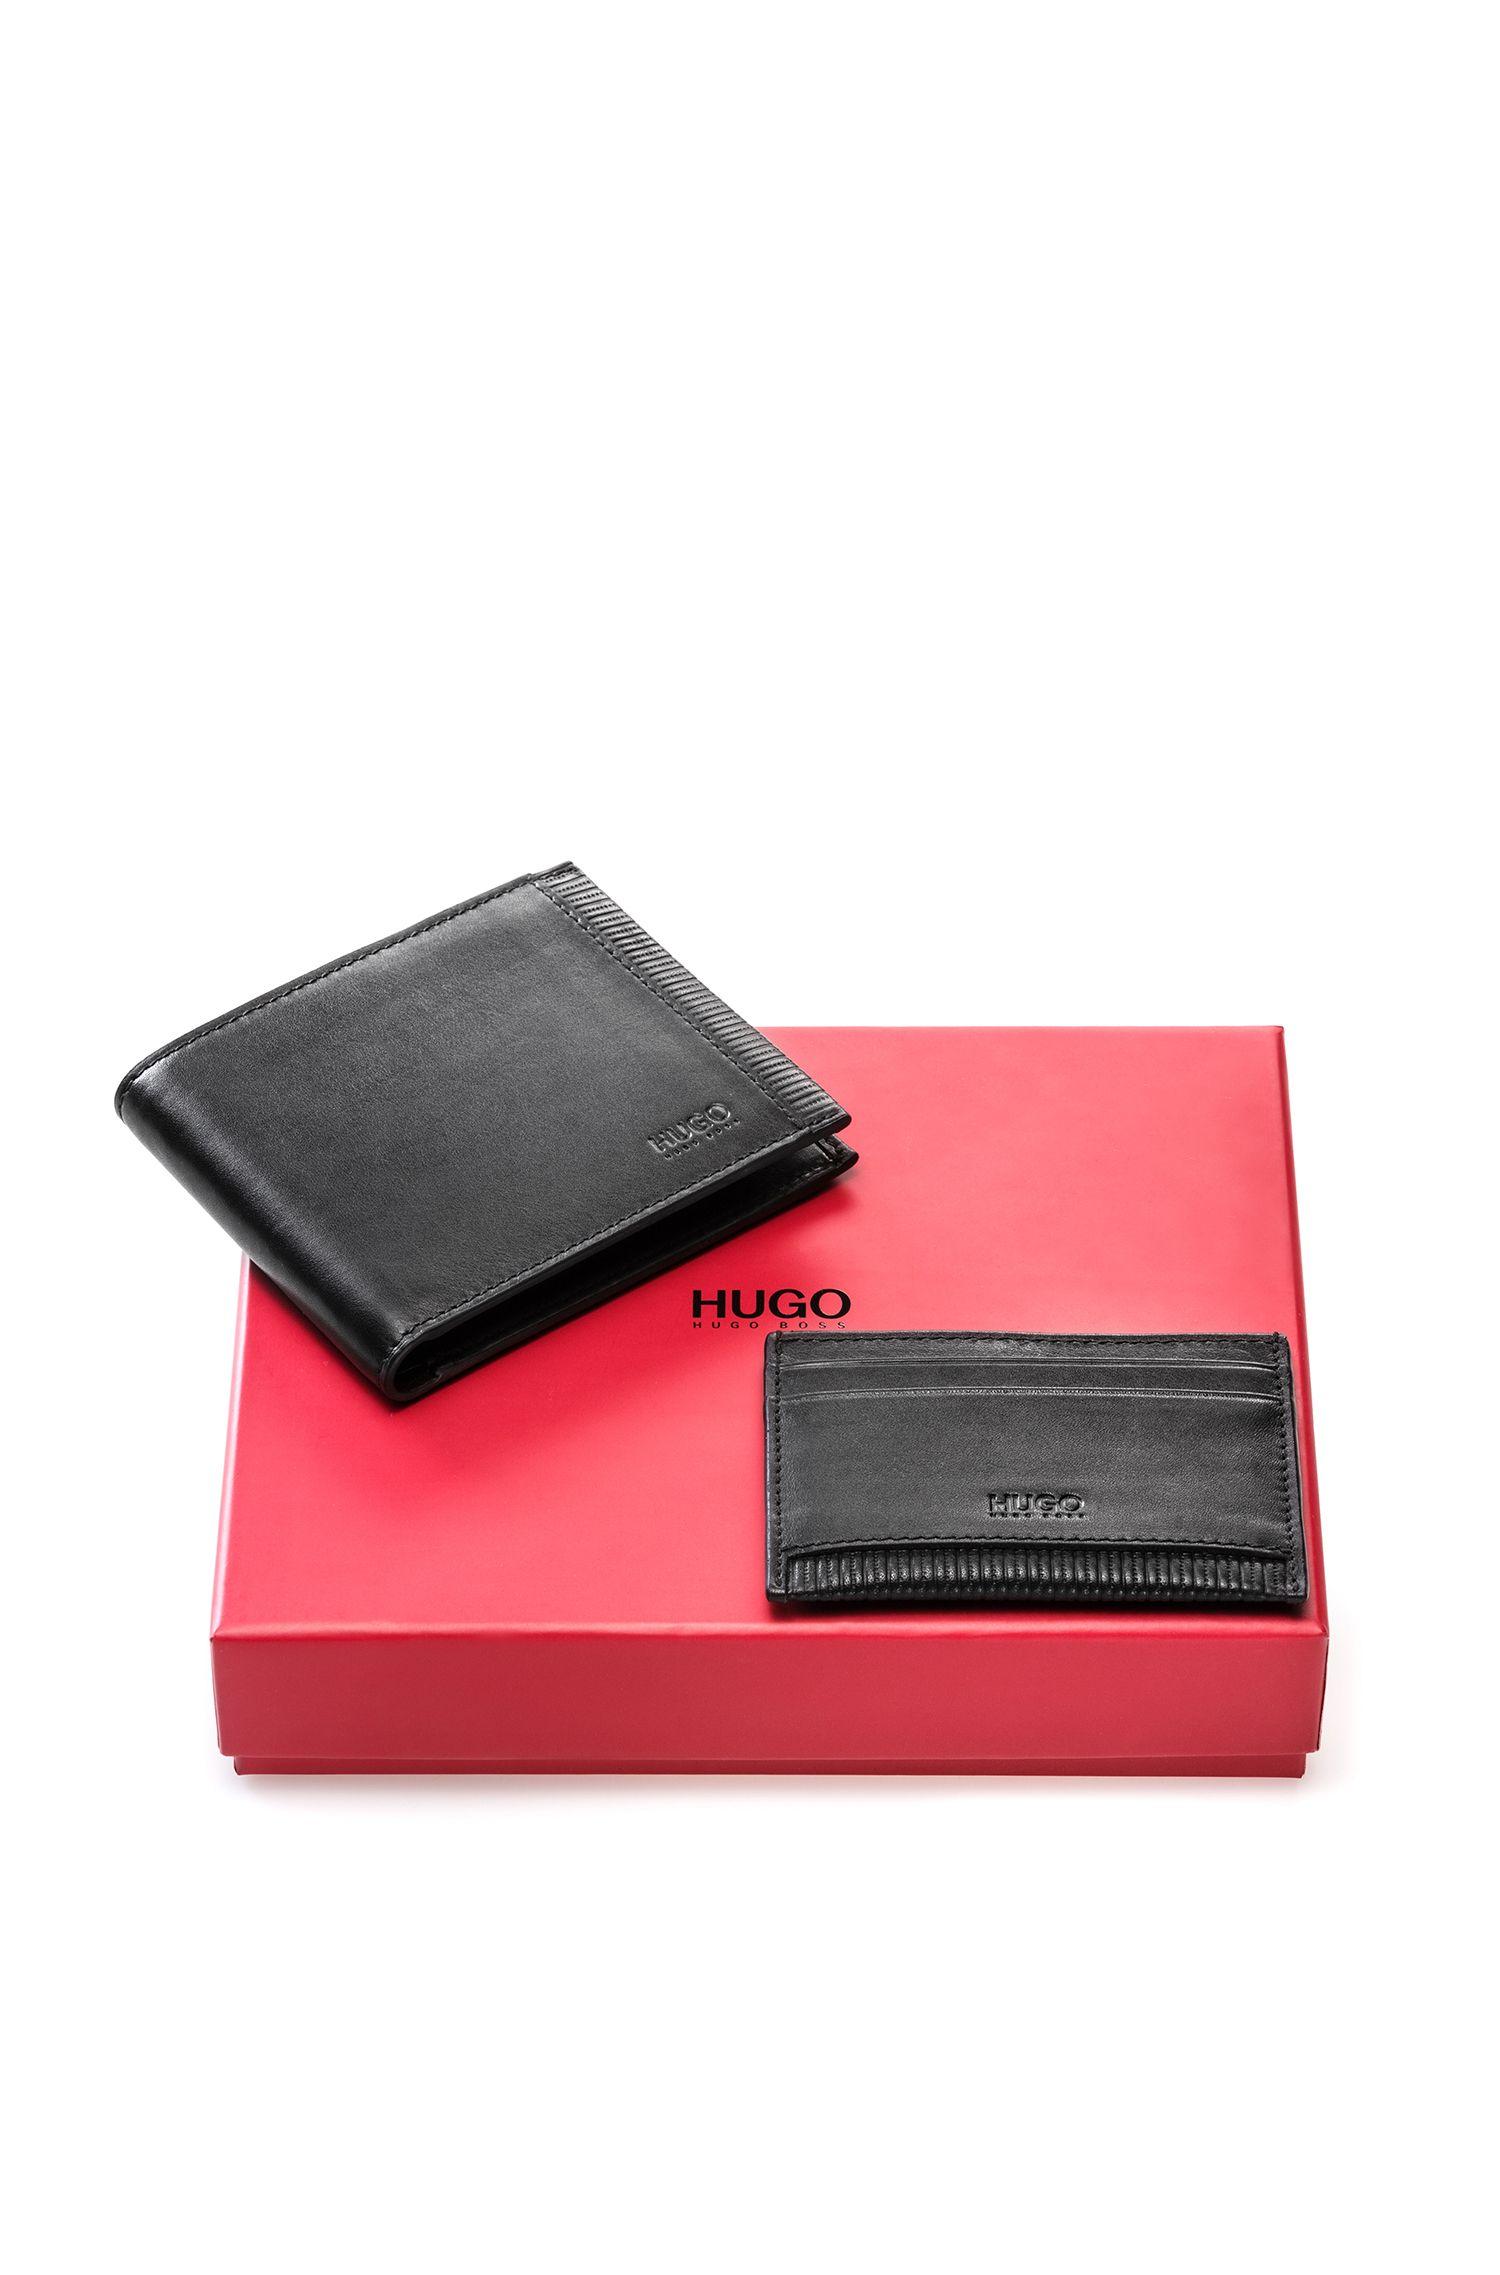 Set met portemonnee en pasjeshouder van leer